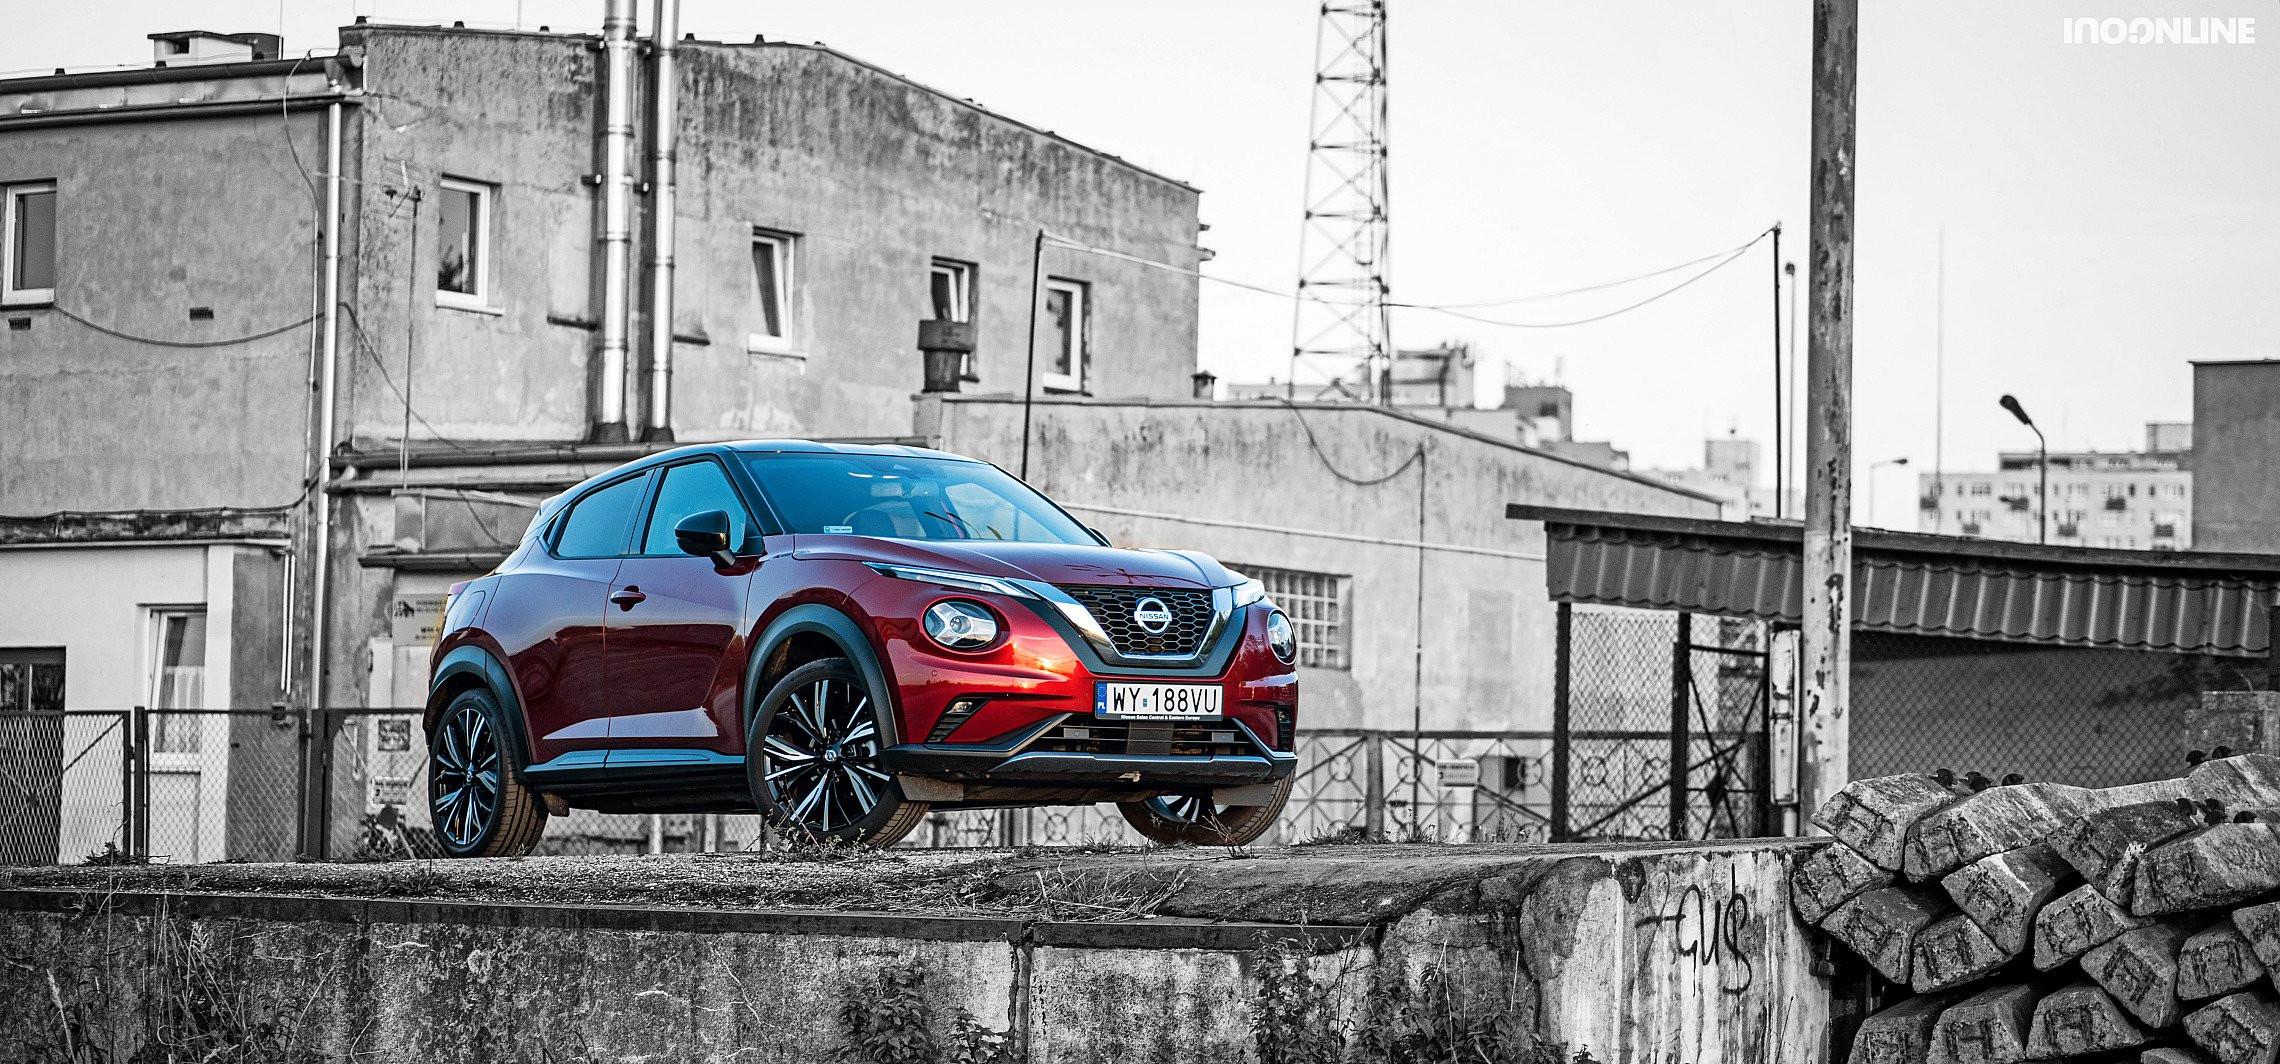 Nissan Juke - obejrzysz się za nim na ulicy